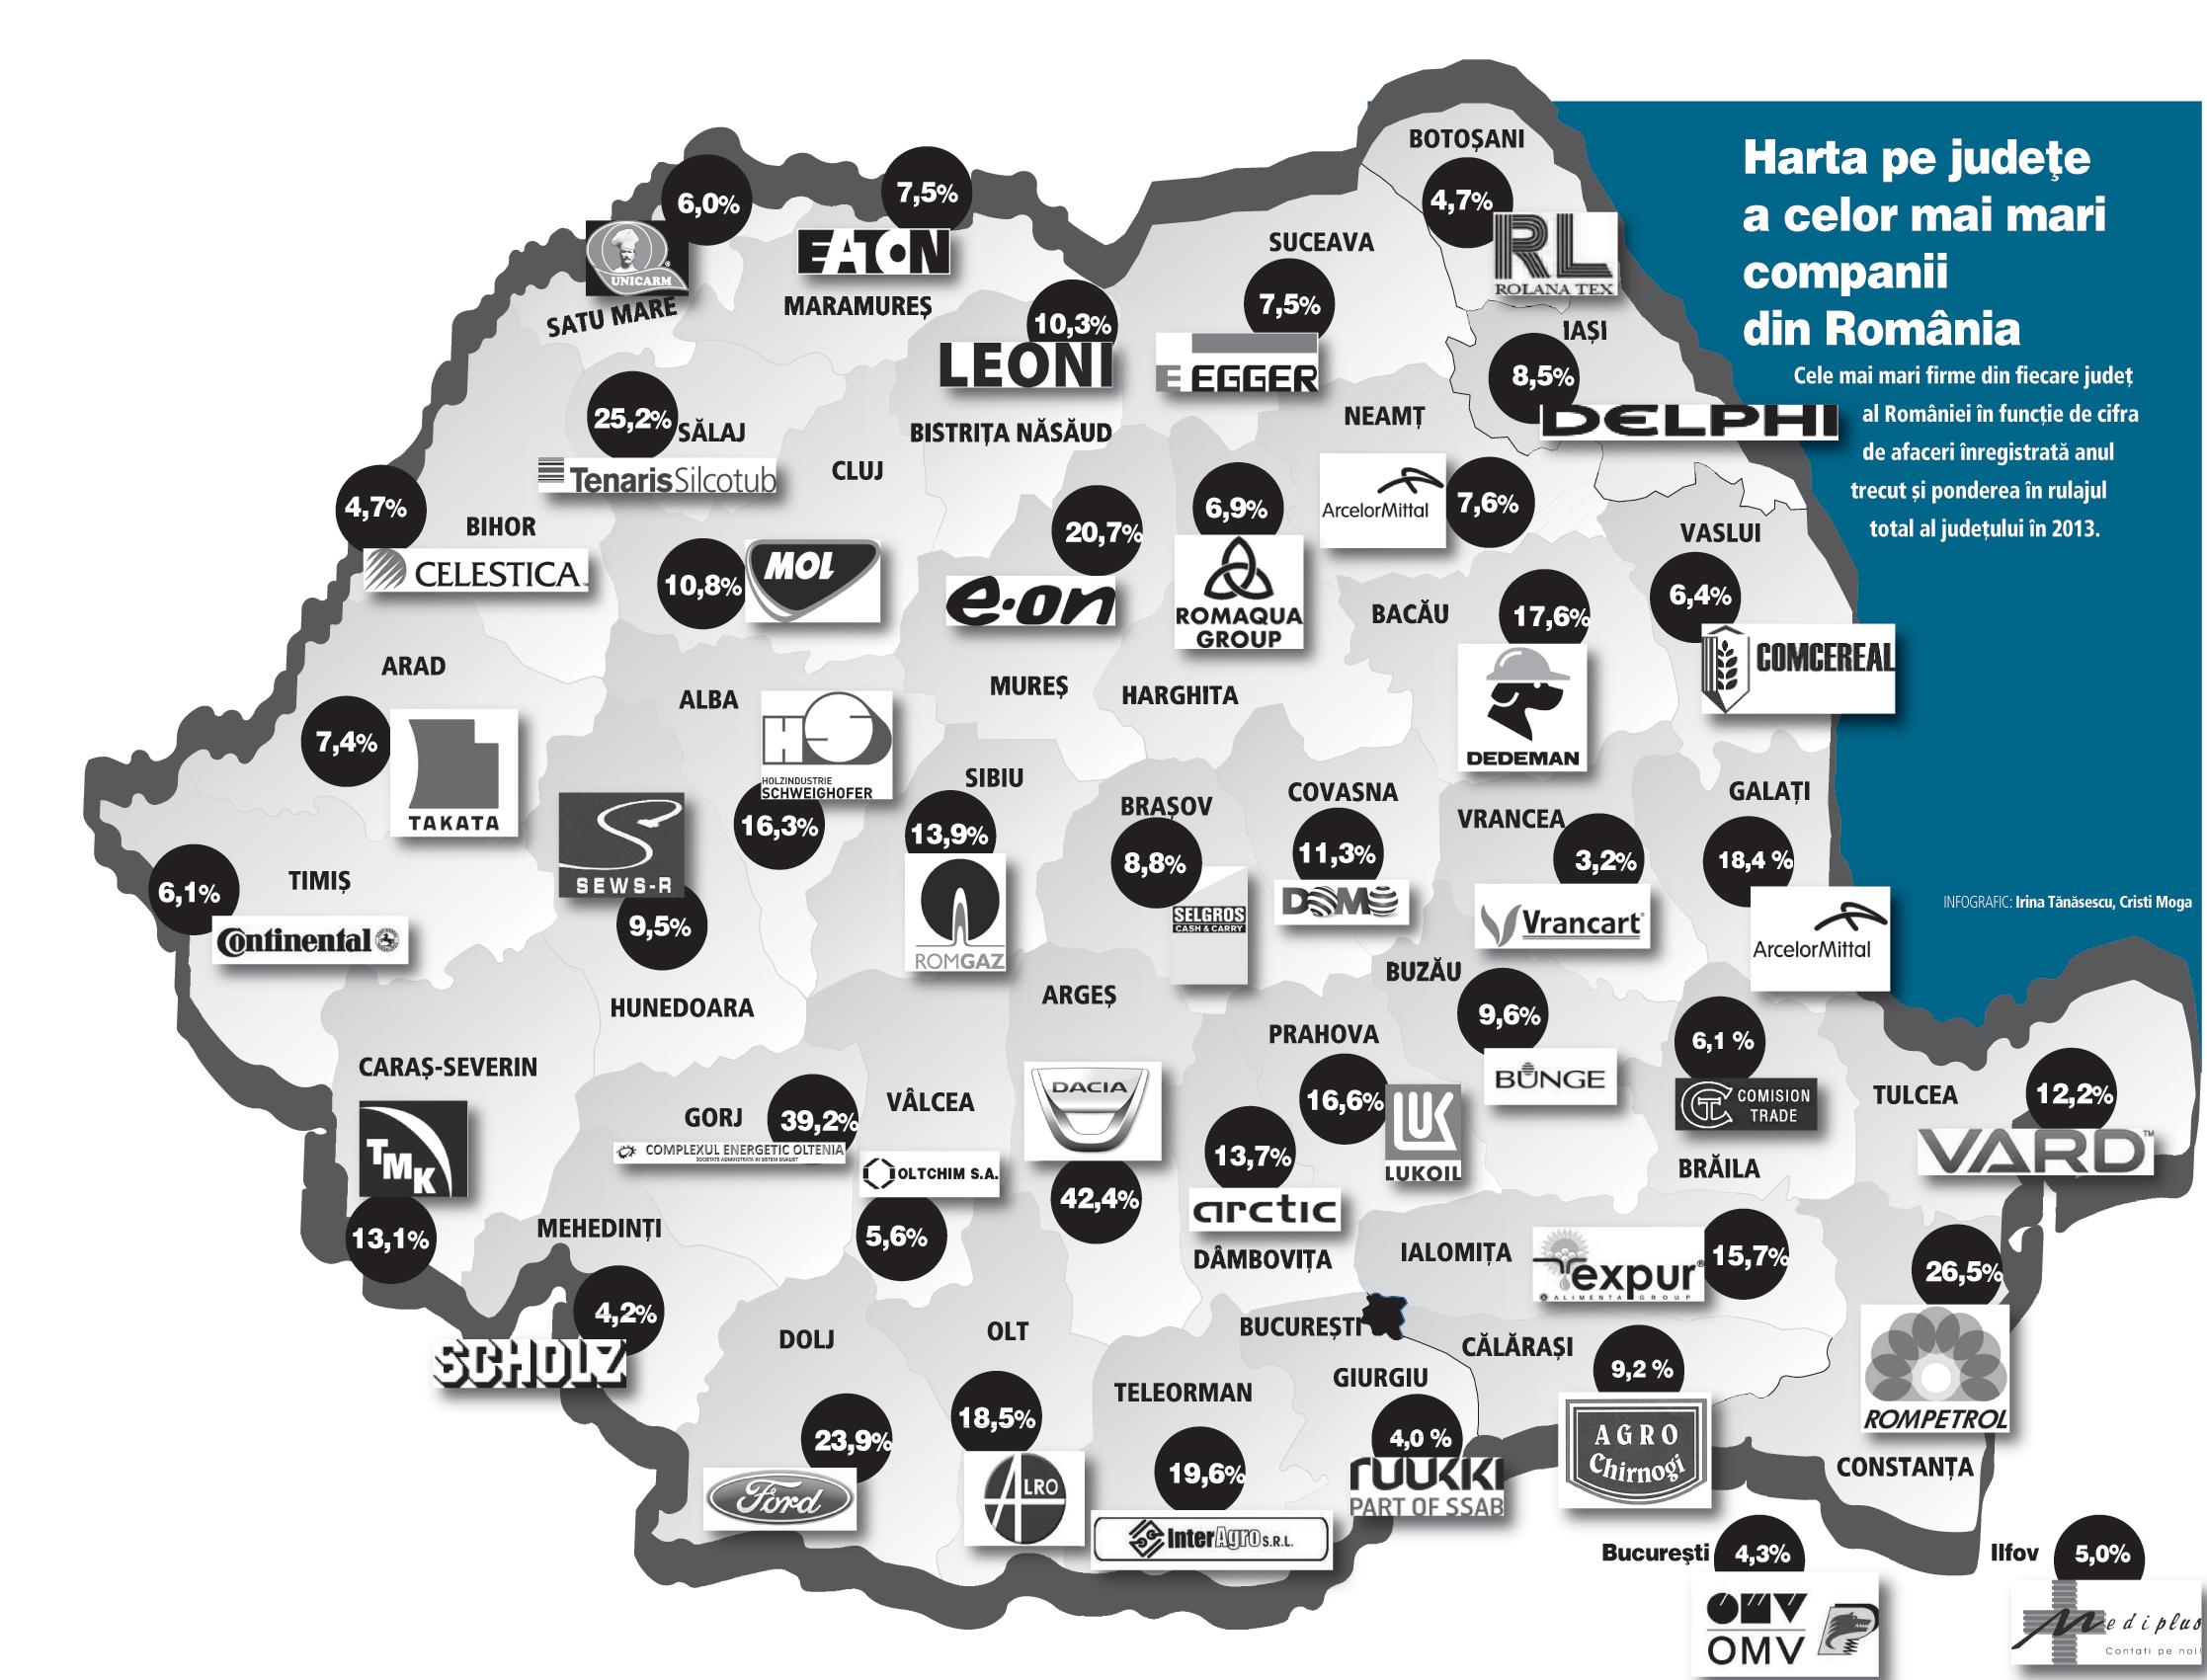 Harta Pe Judete A Celor Mai Mari Companii Din Romania Bucuresti